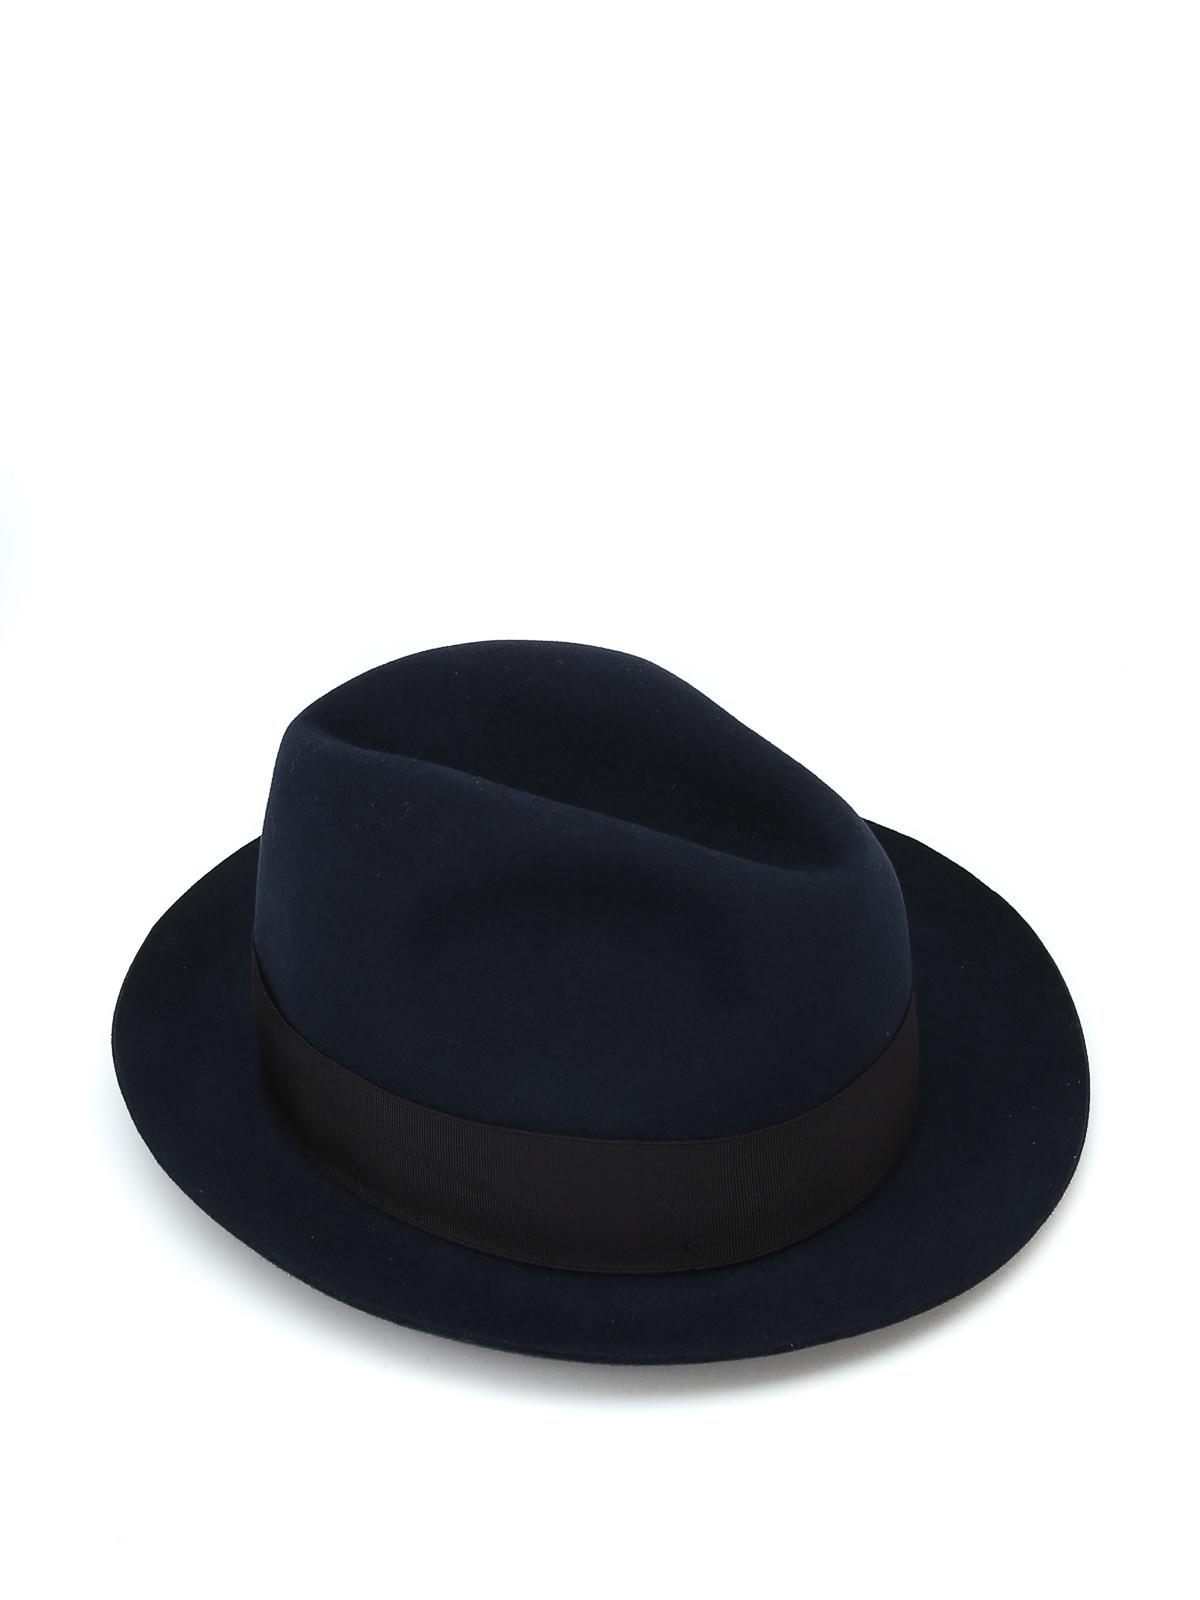 Borsalino - Alessandria grosgrain band blue felt hat - hats   caps ... 6320d3c594a